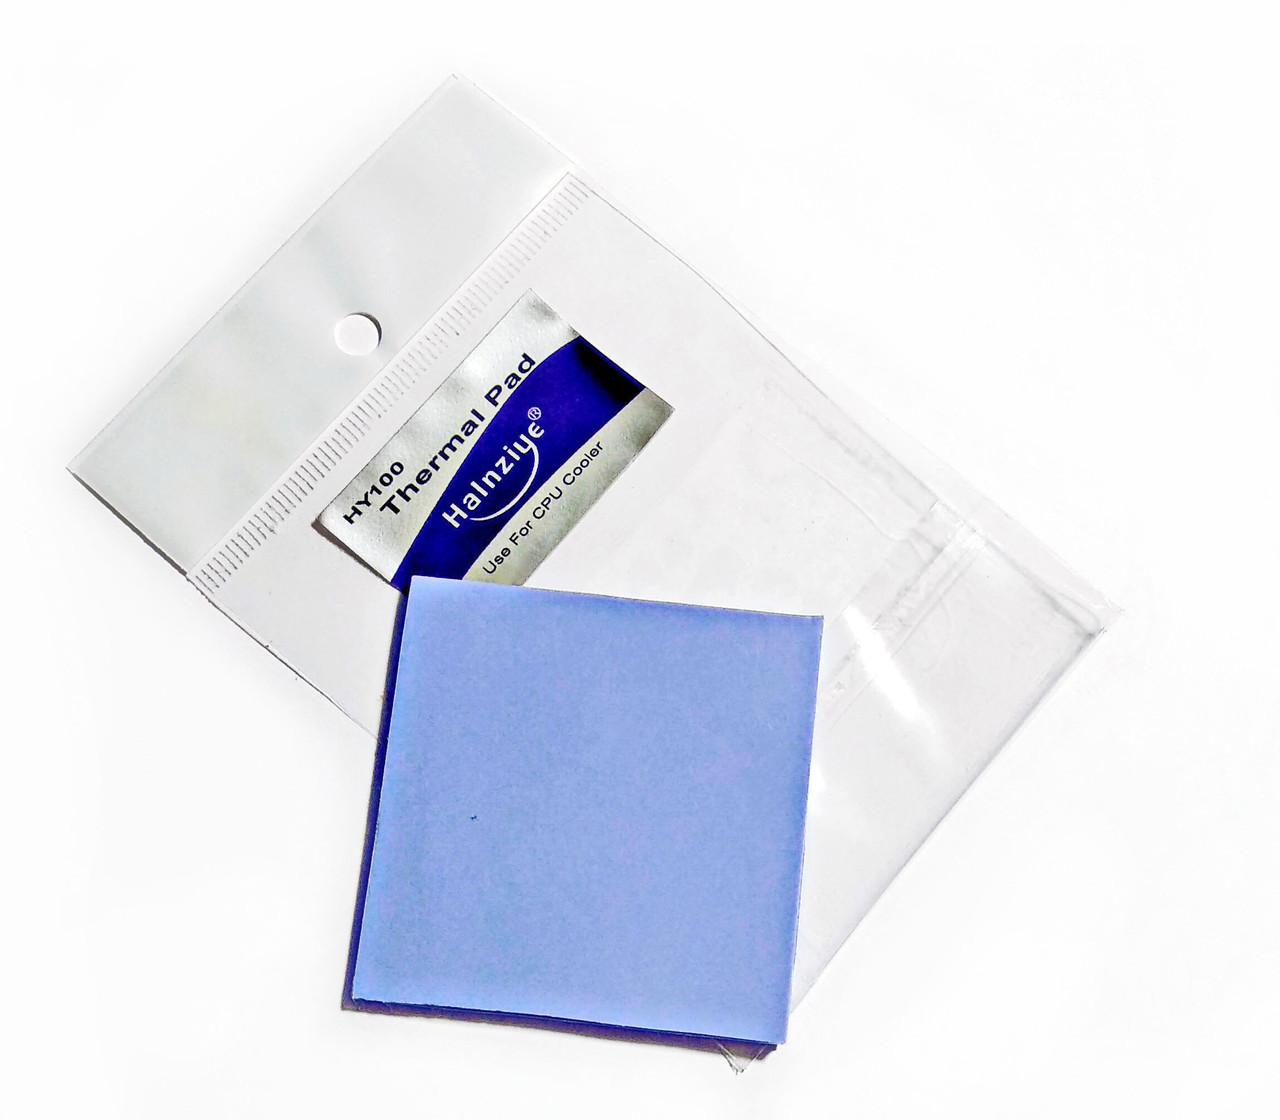 Термопрокладка Halnziye HC74 3.5мм 50х50 синяя 4 Вт/(м*К) термоинтерфейс для ноутбука (TPr-HC74)